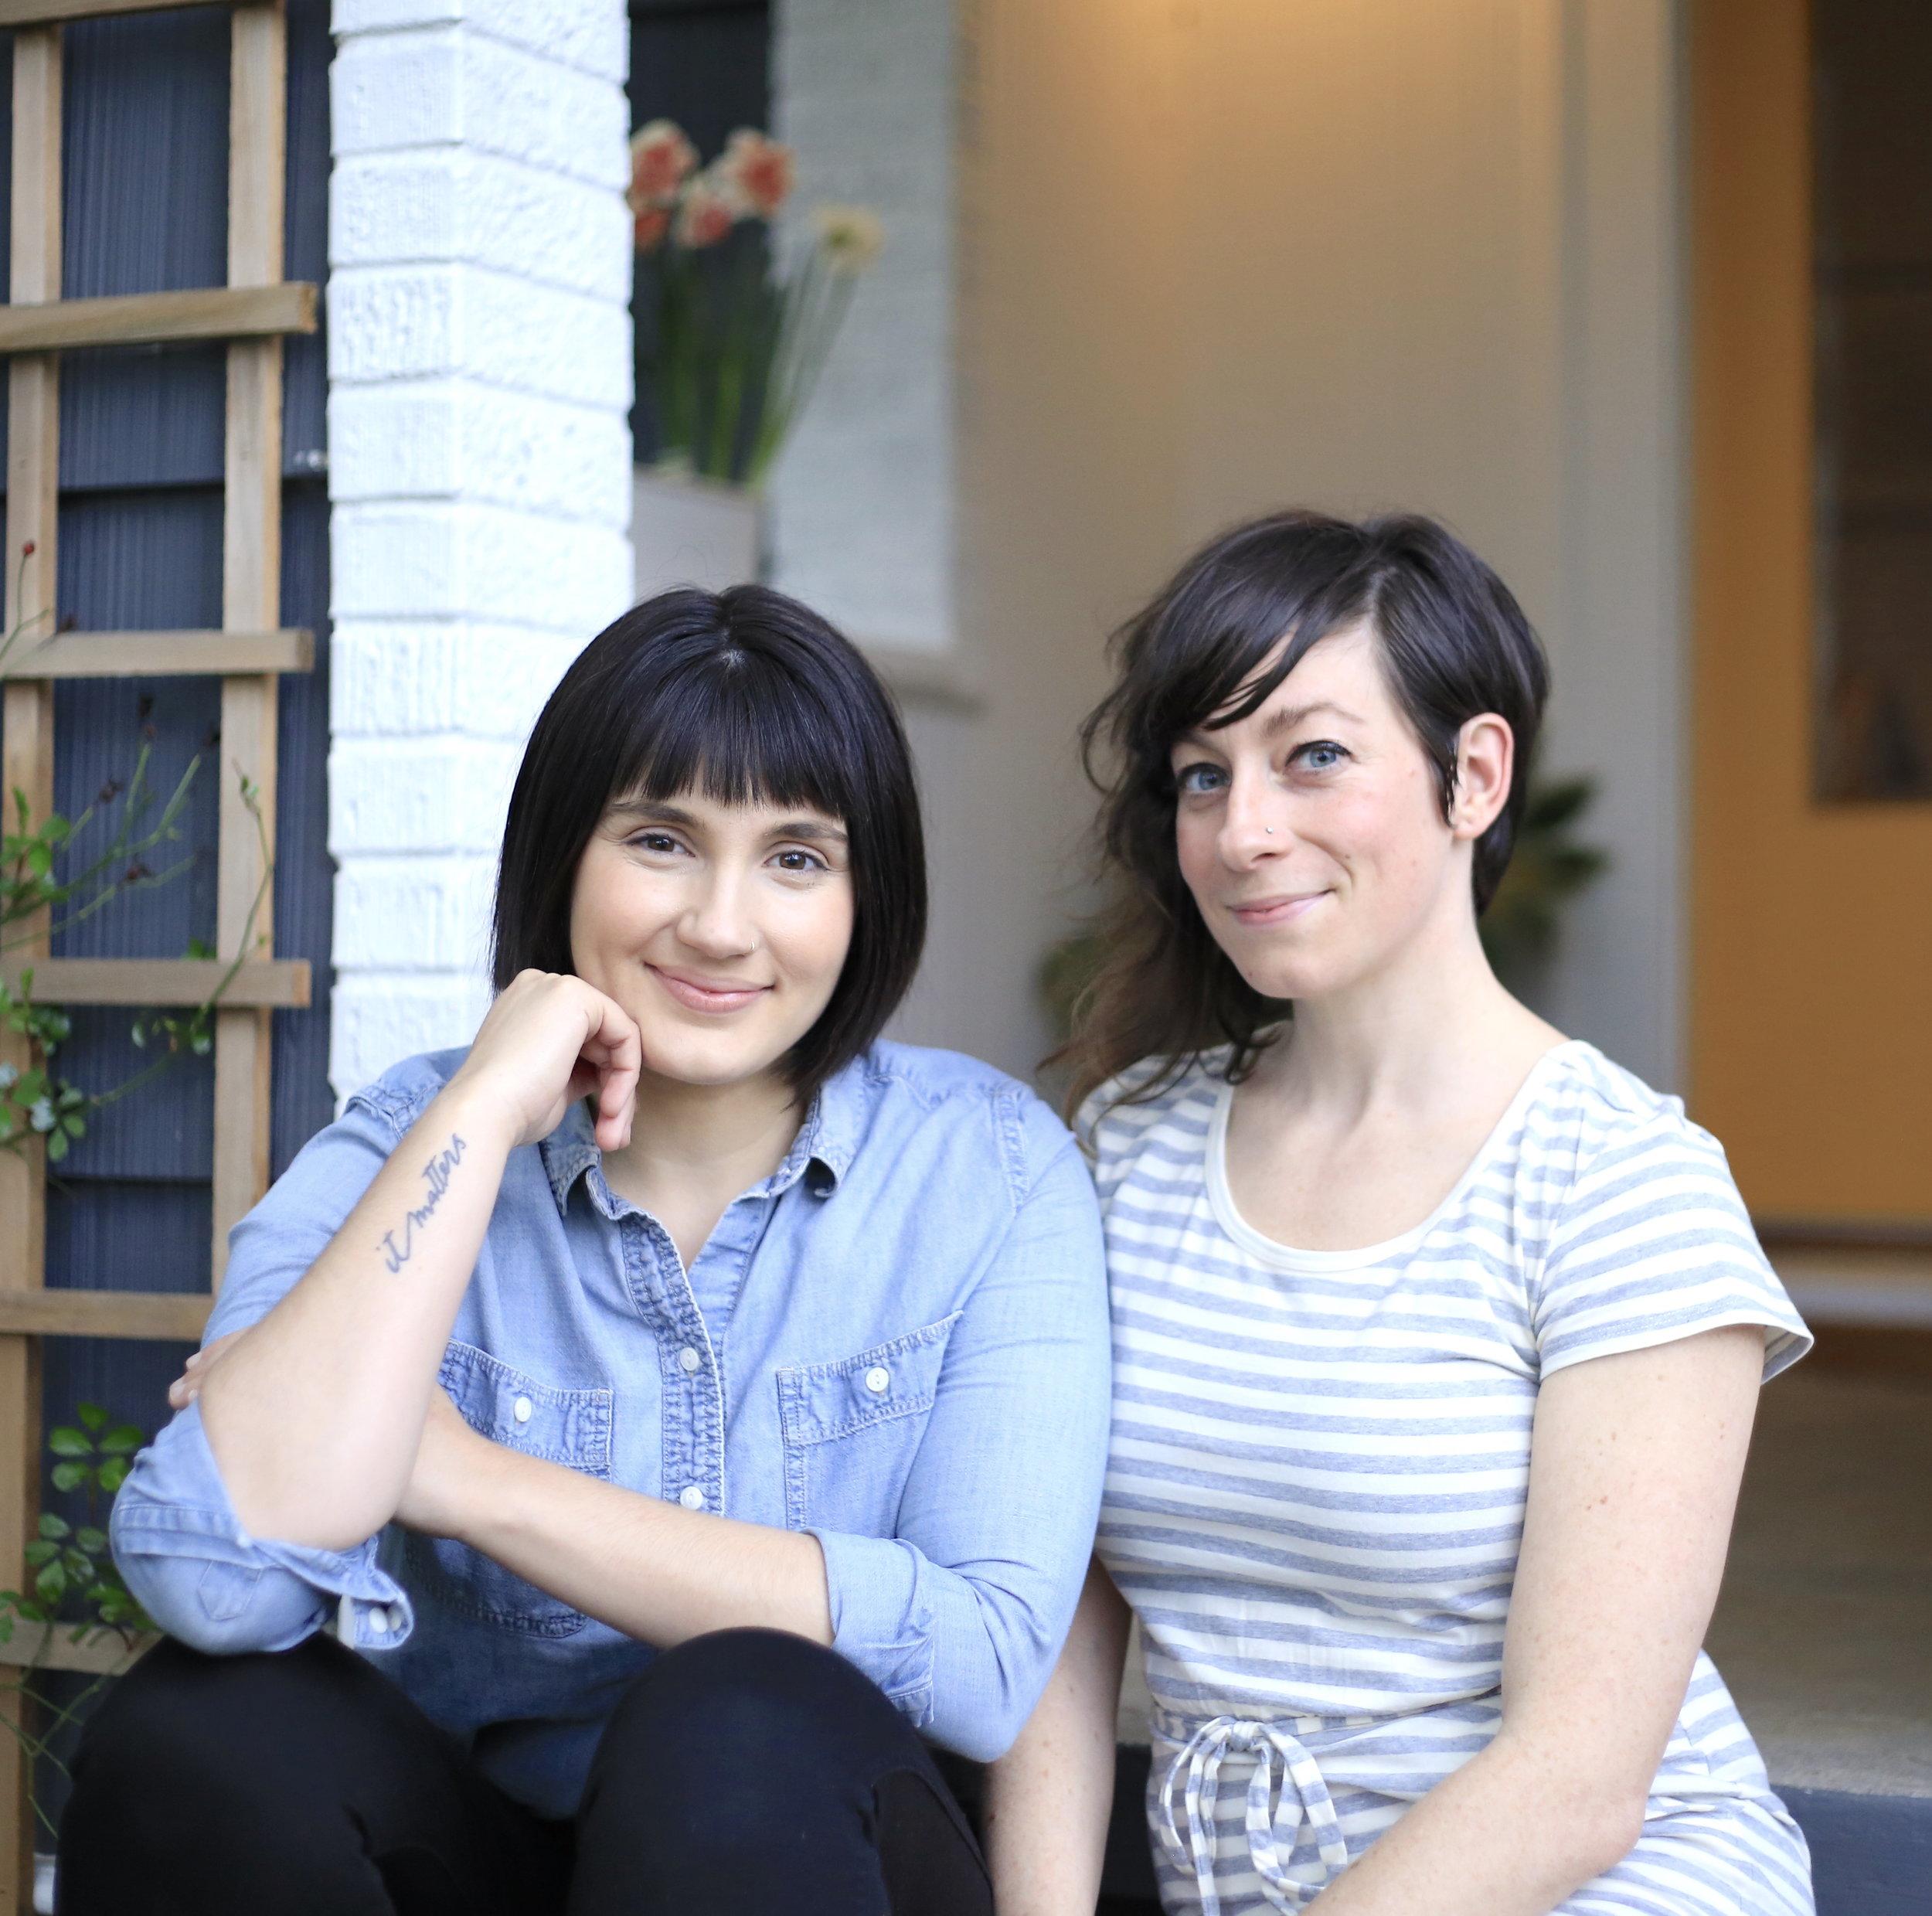 Home Organizers Mackenzie Gray and Alissa Fuchs